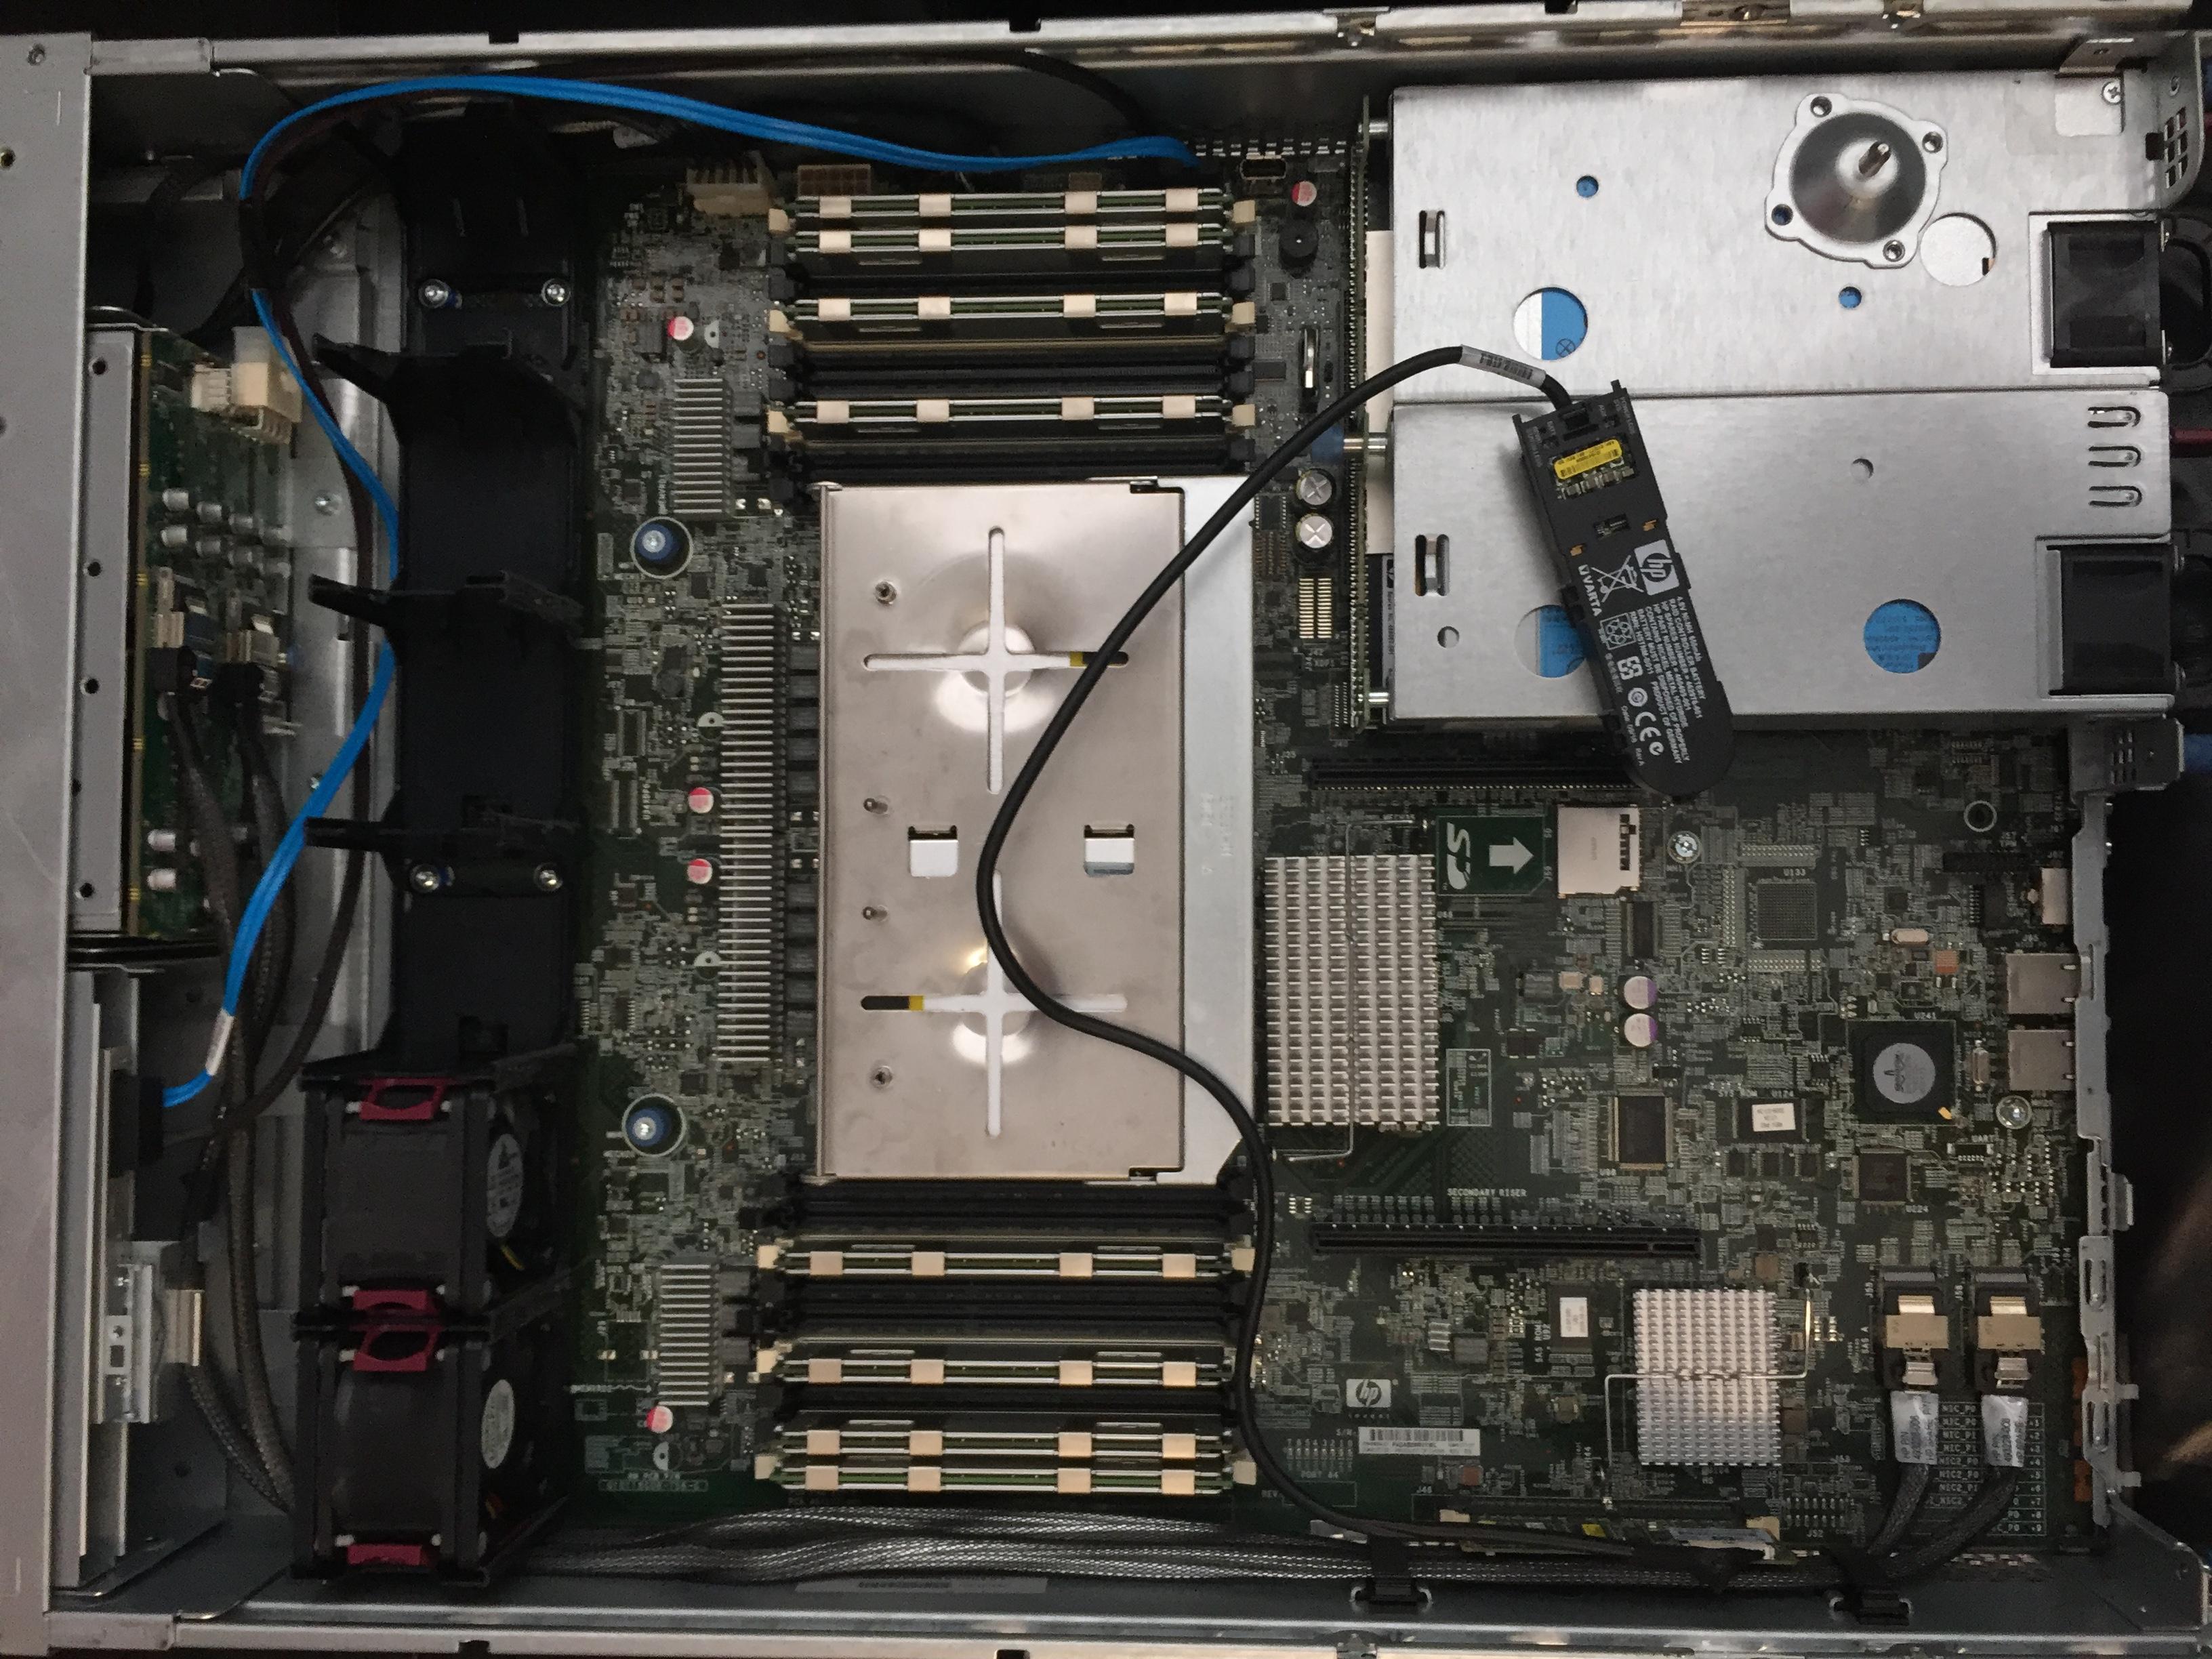 HP DL380 G6 Smart Array P410i No Drives Detected